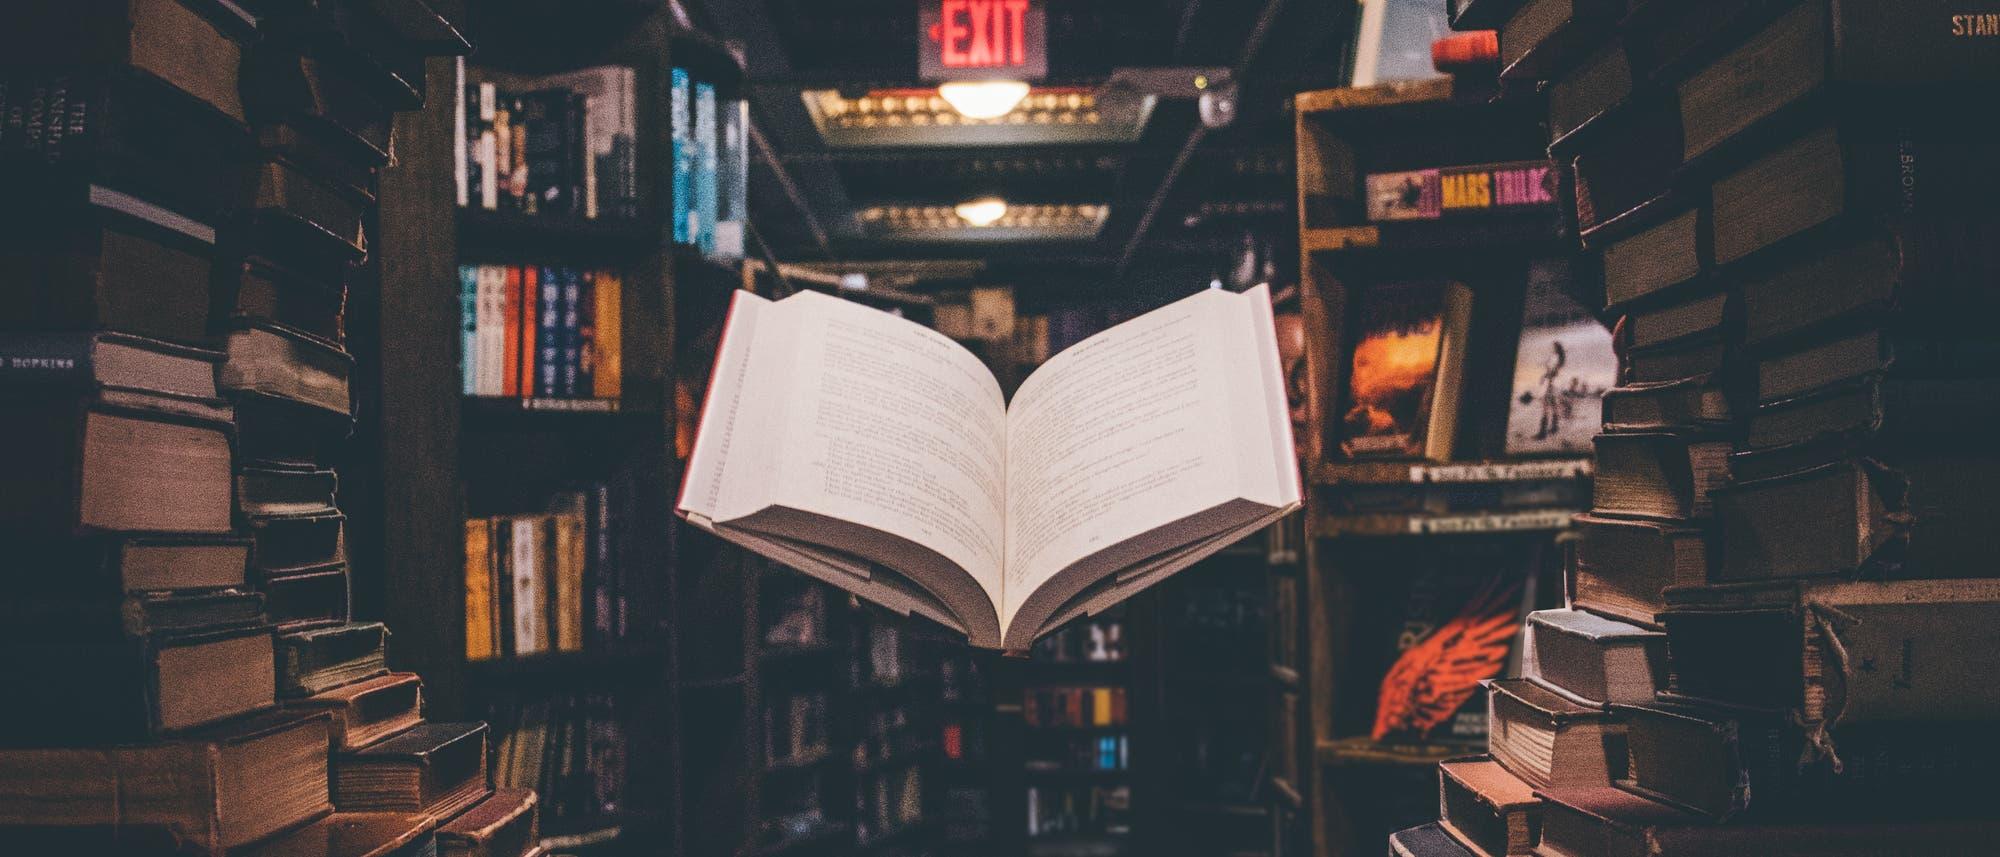 Schwebendes offenes Buch in einem Bücherfenster einer Bibliothek